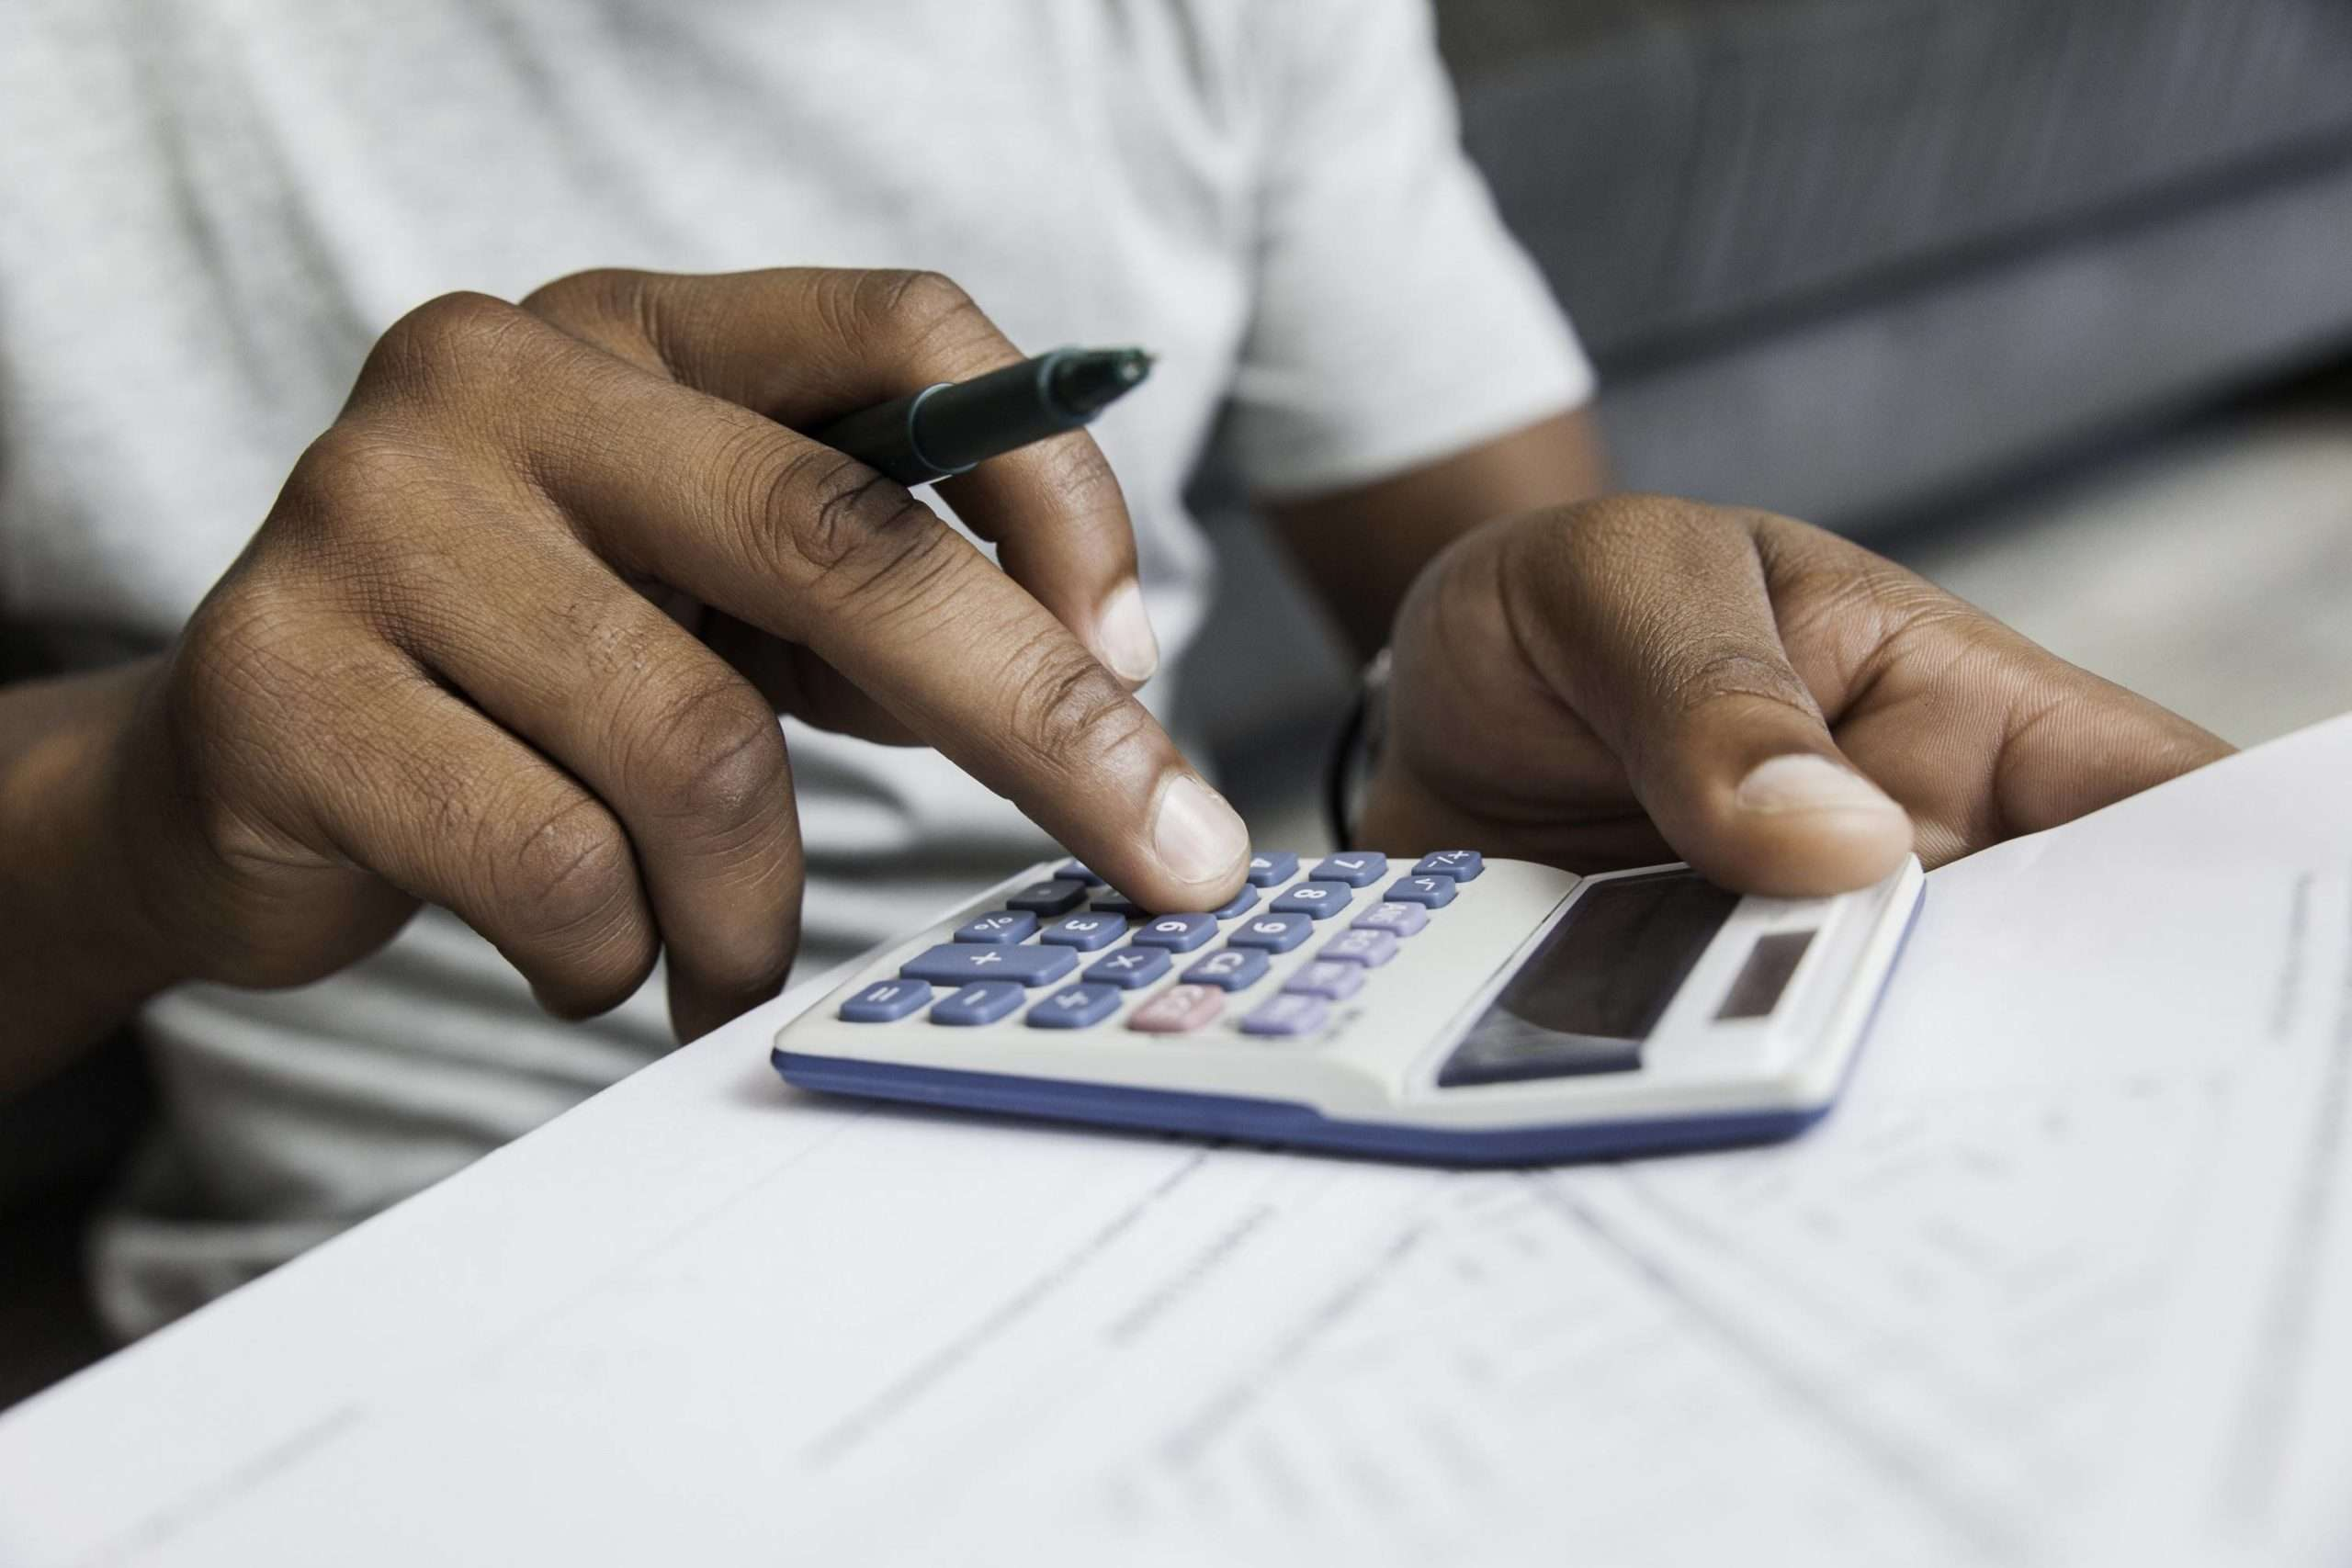 gestao-de-custos-e-como-ajuda-na-melhorados-resultados